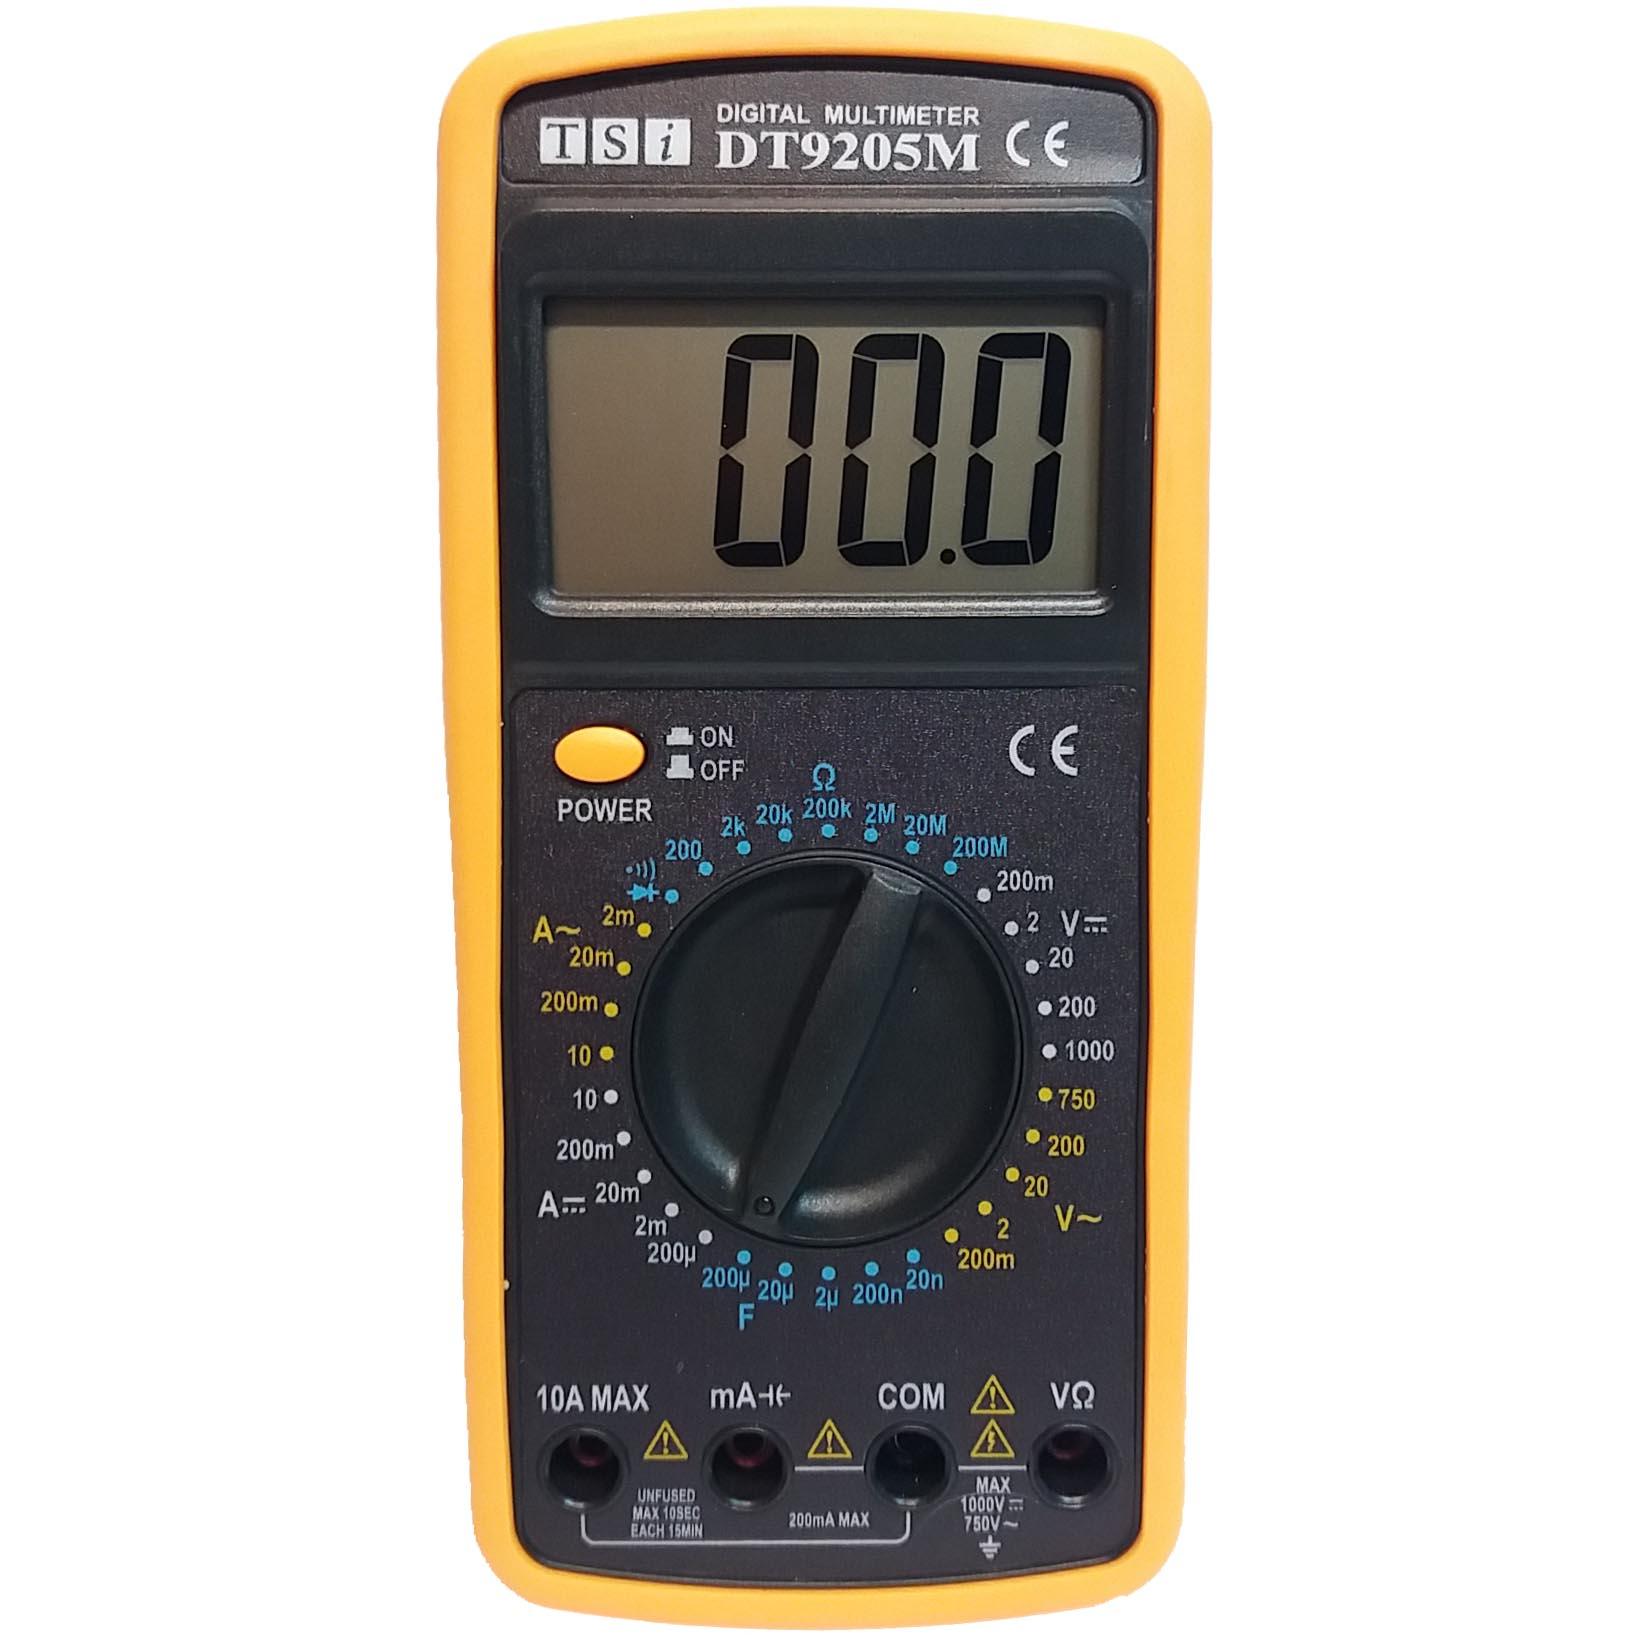 مولتی متر دیجیتال تی اس آی مدل DT9205M